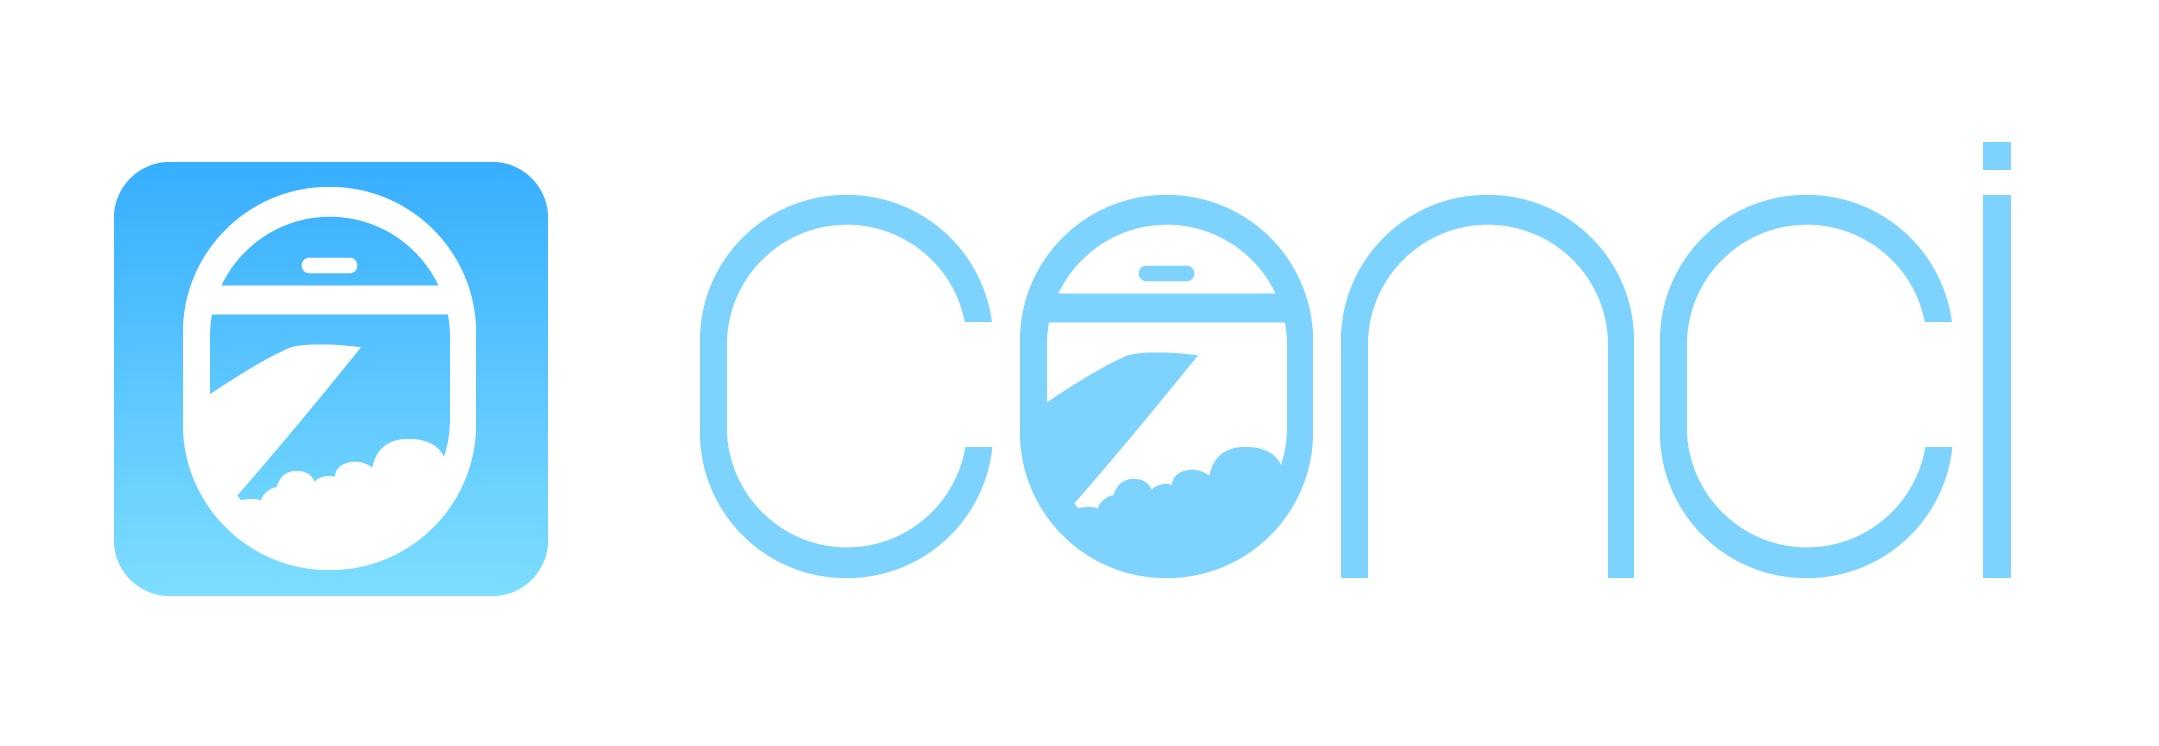 Conci-Final-Logo.png